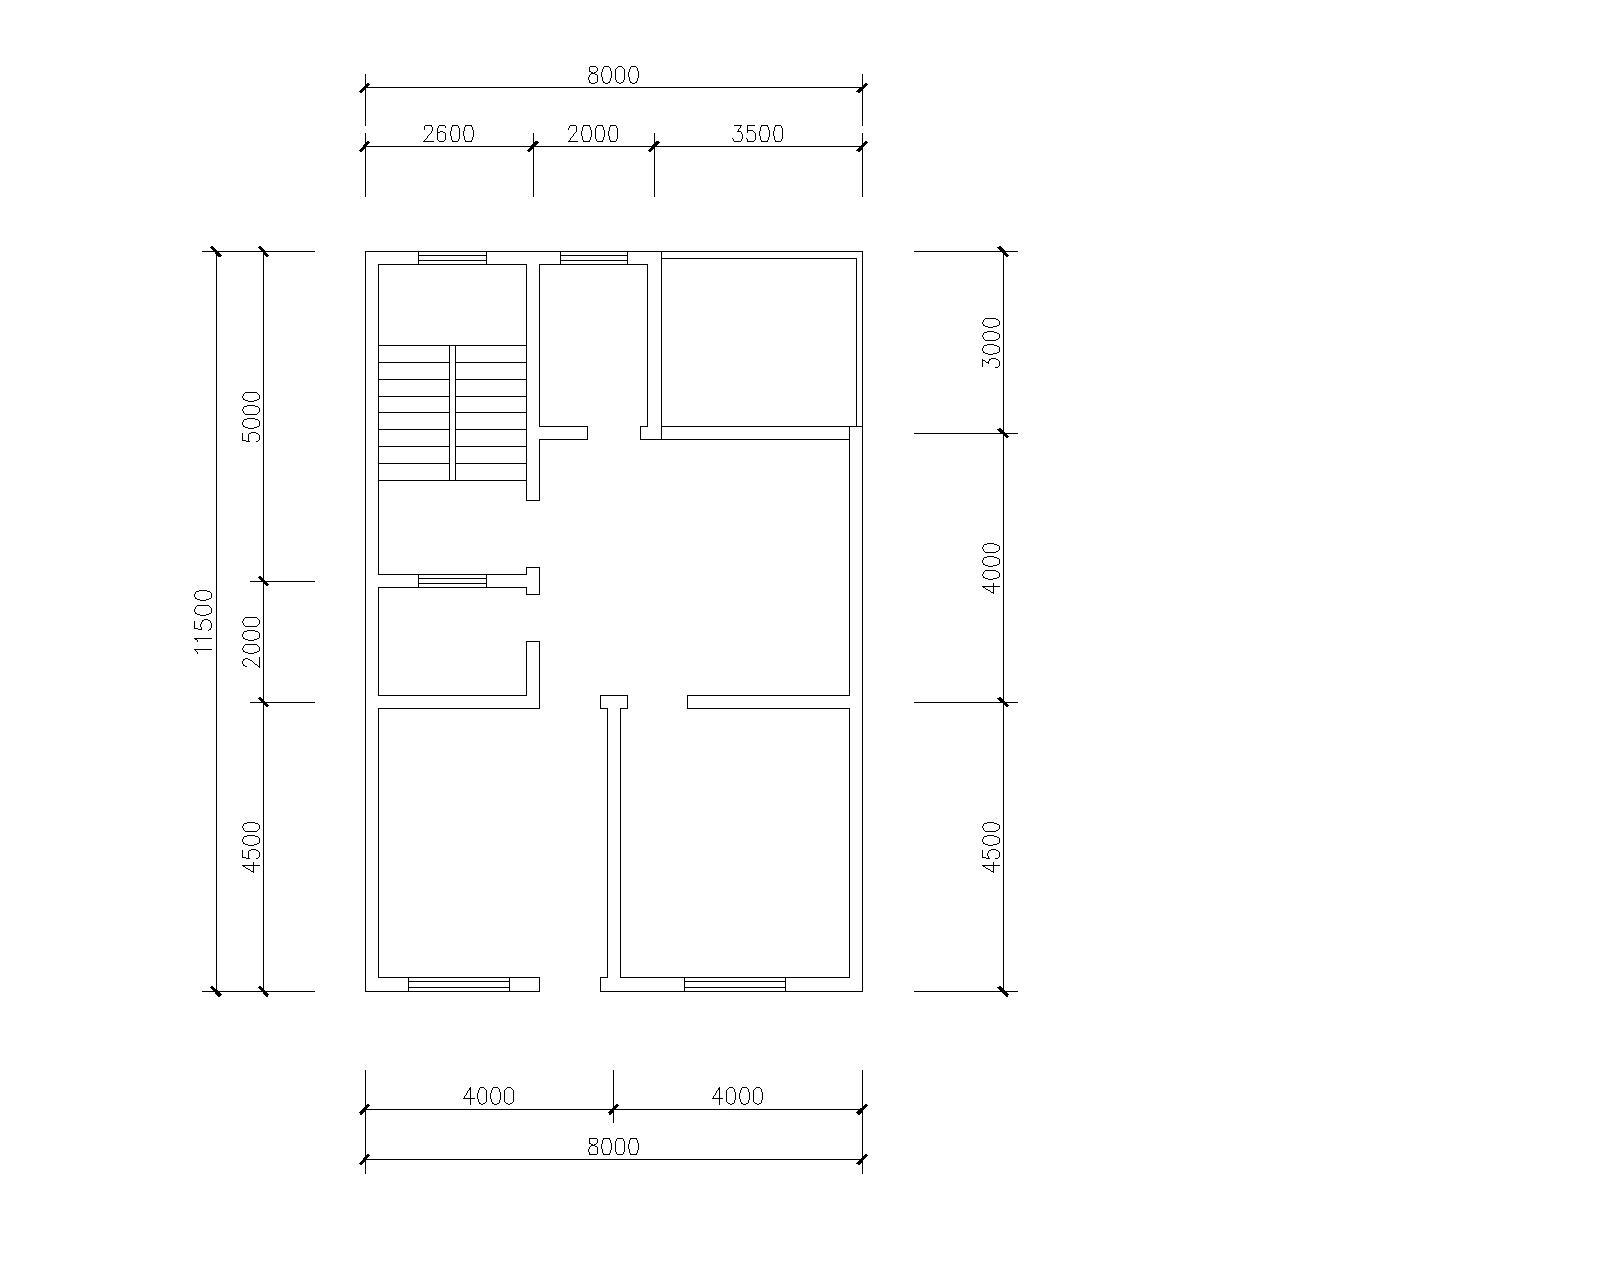 设计一套长13米,宽8米的农村自建房屋设计图.图片